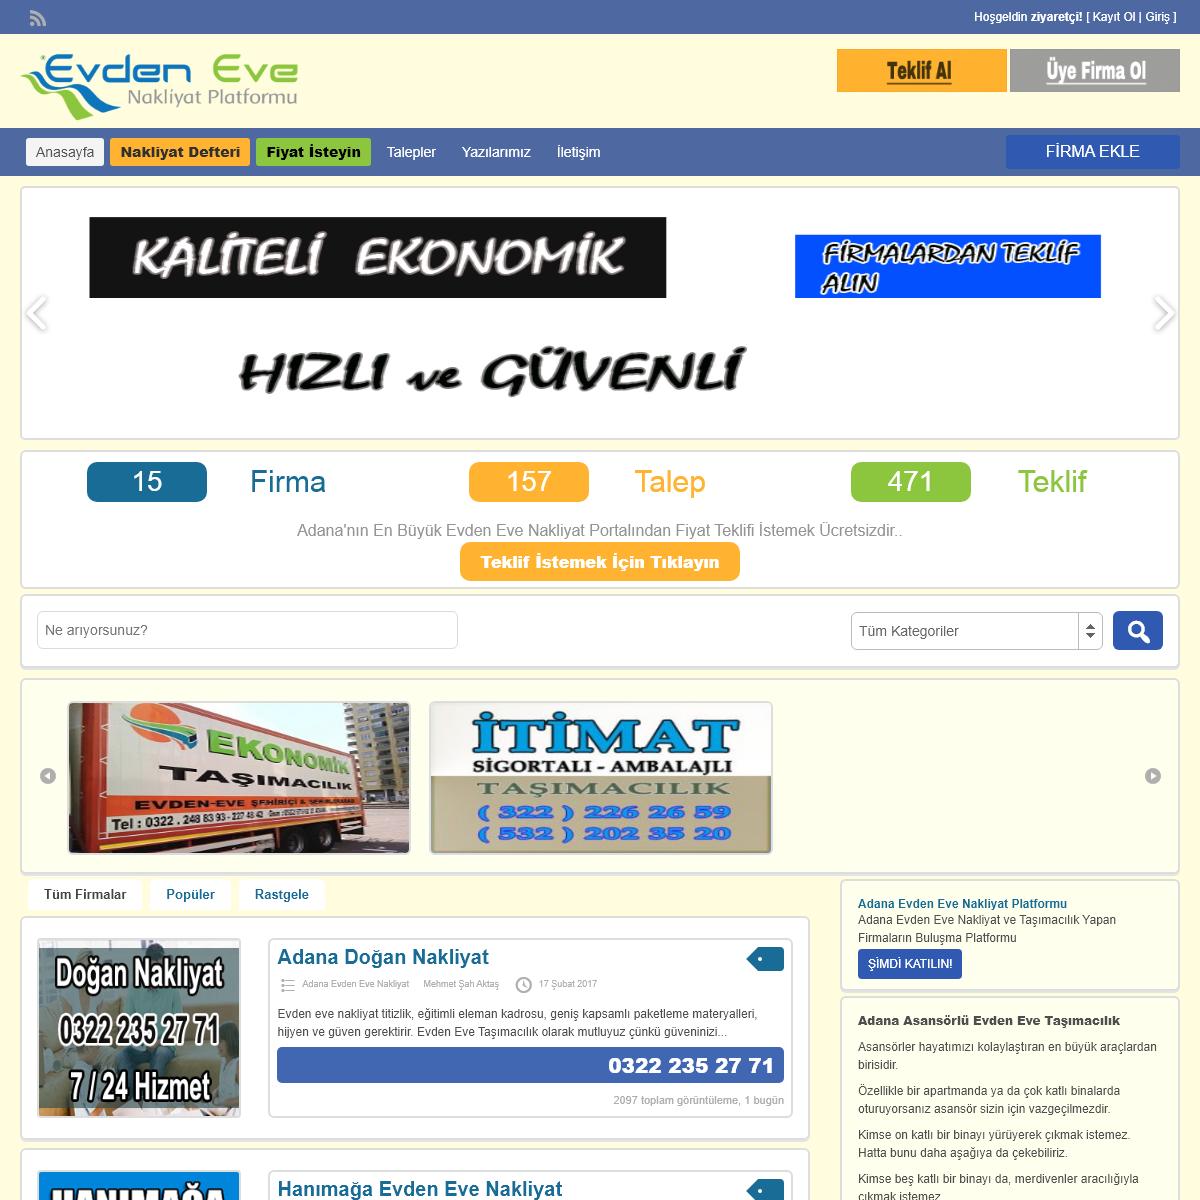 Adana Evden Eve Nakliyat ve Taşıma Firmaları